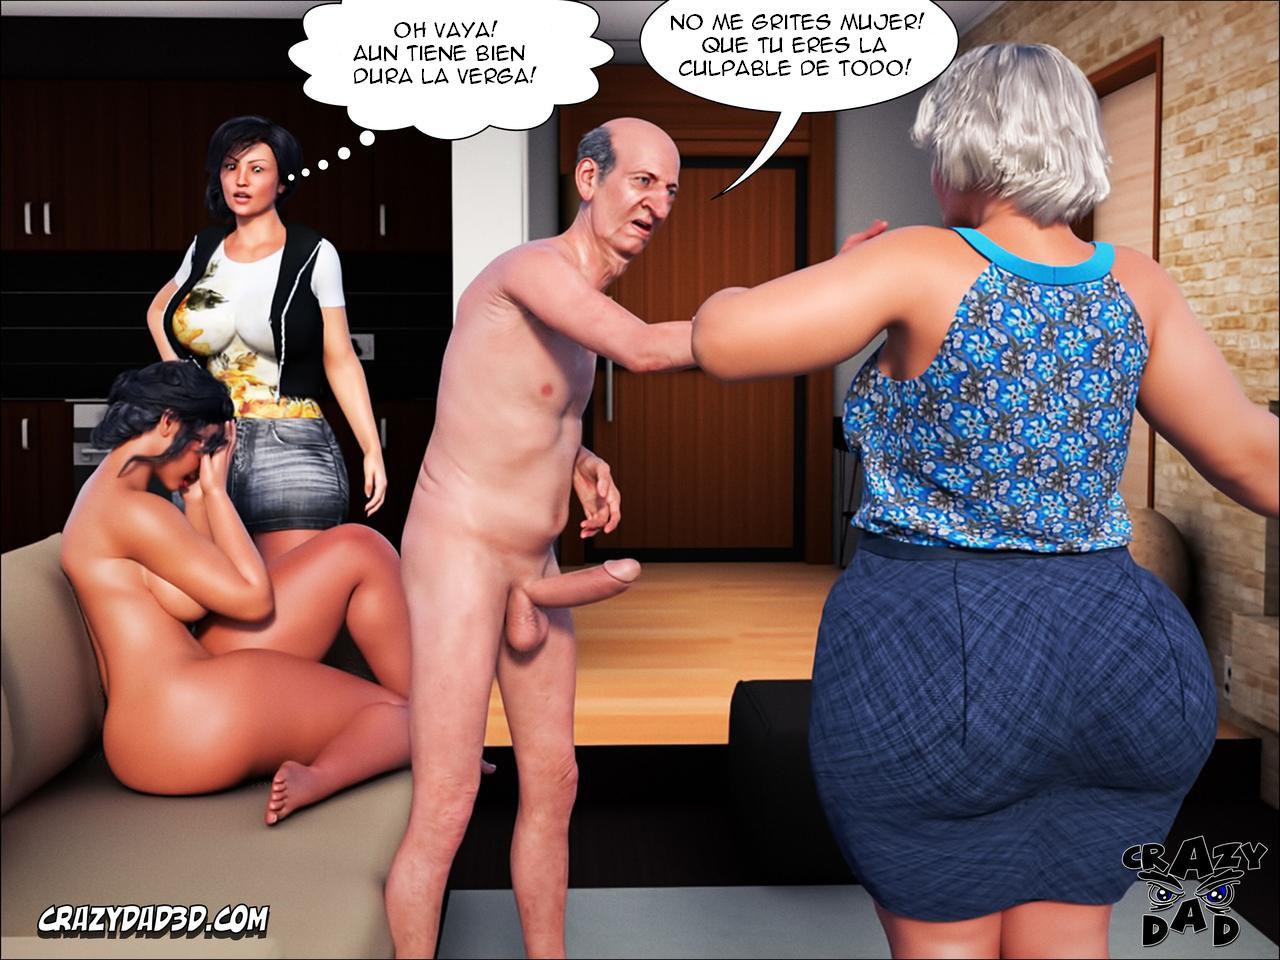 DADDY CRAZY Desire parte 4